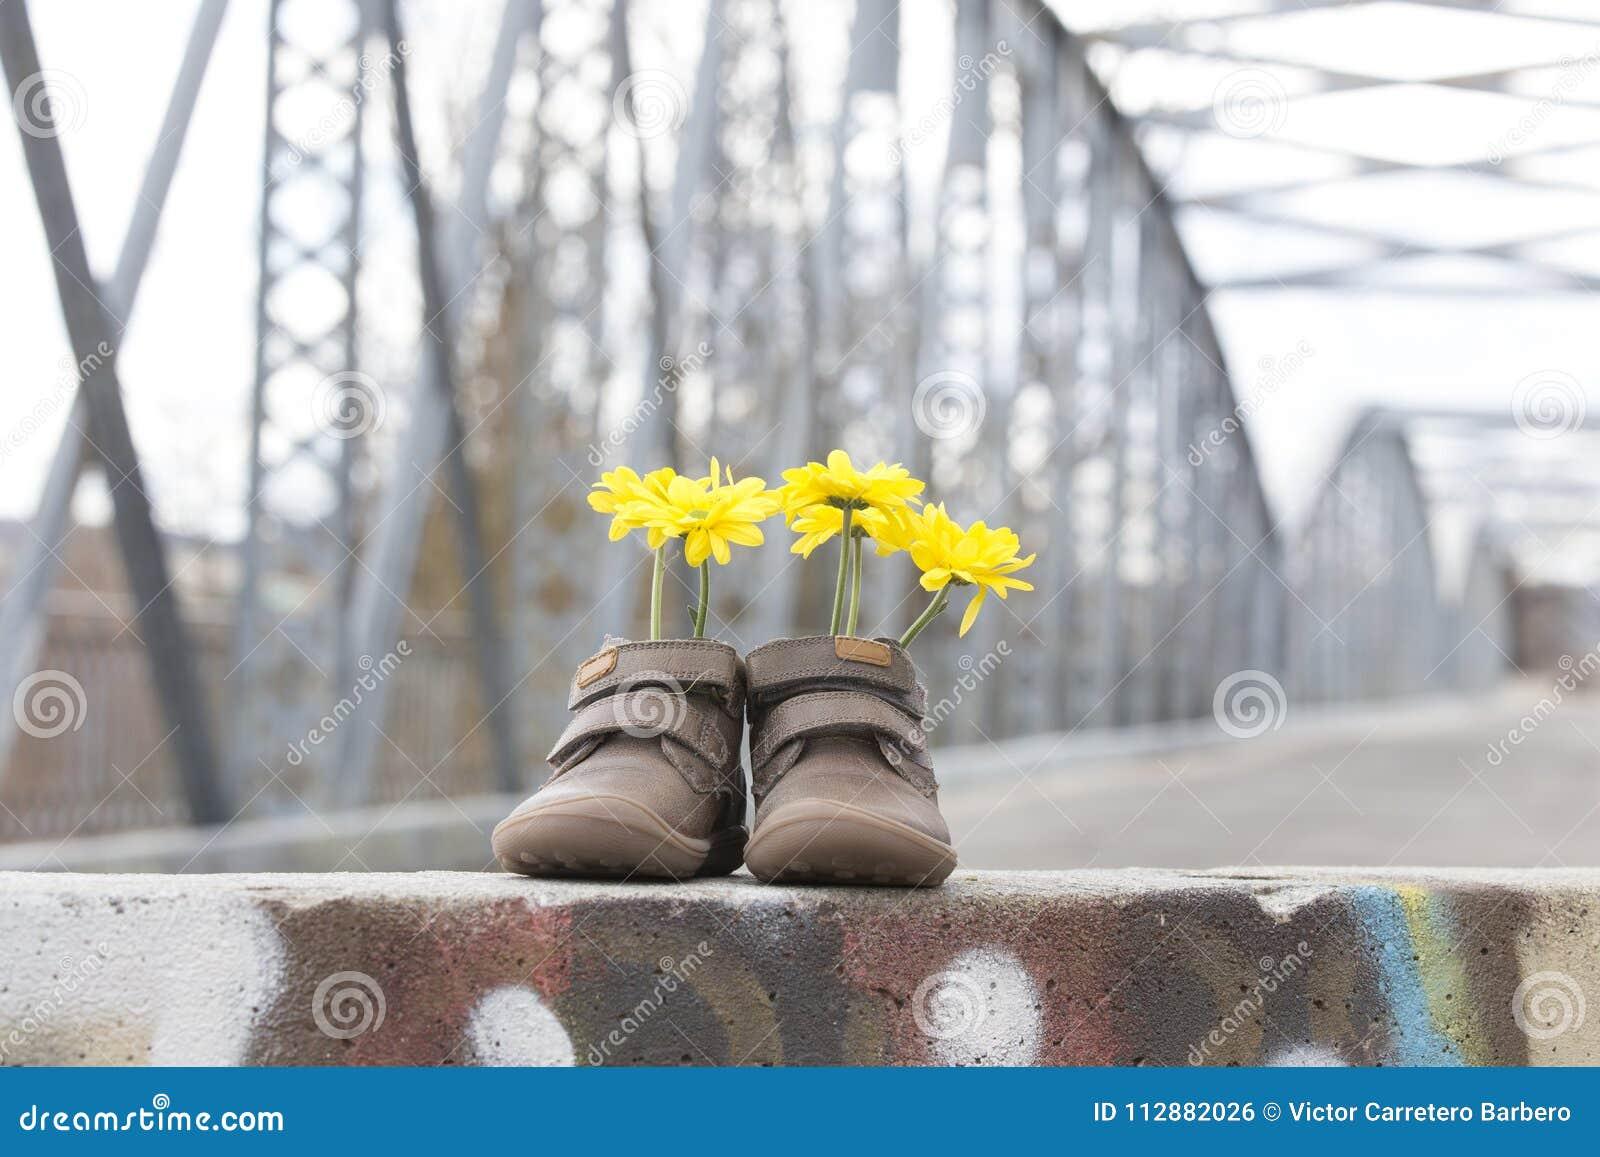 Zapatos el Arganda del de Madrid puente las flores de amarillas con hierro en bebé 7wr7q061